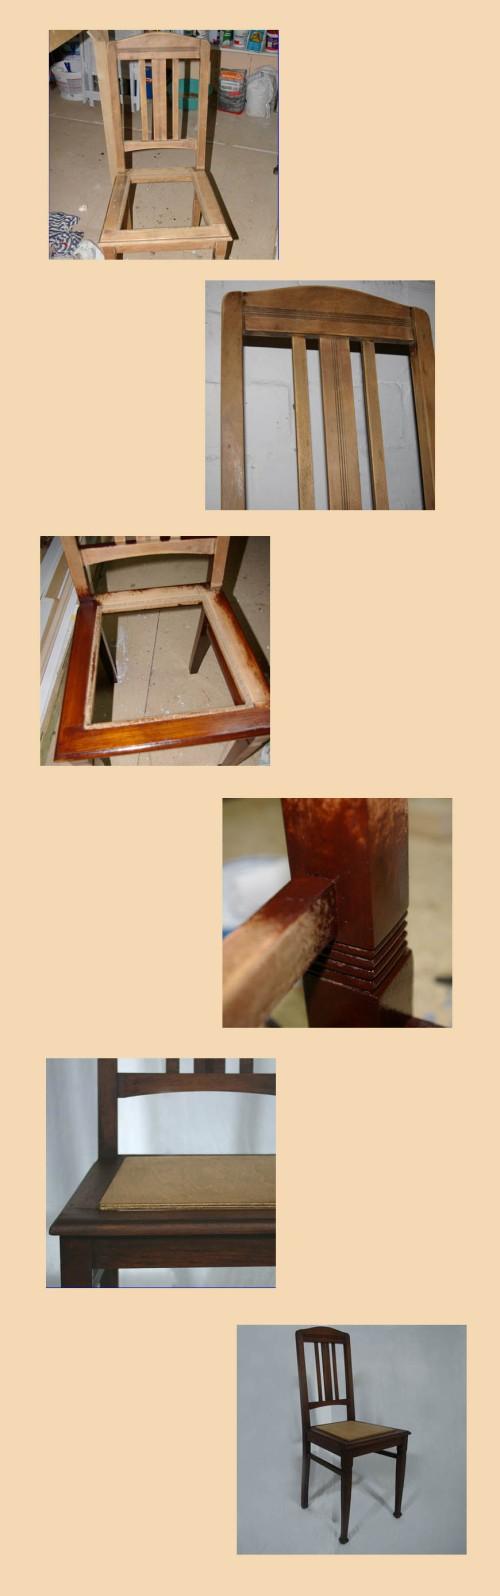 Alter massiver Holzstuhl, wahrscheinlich aus den 30gern